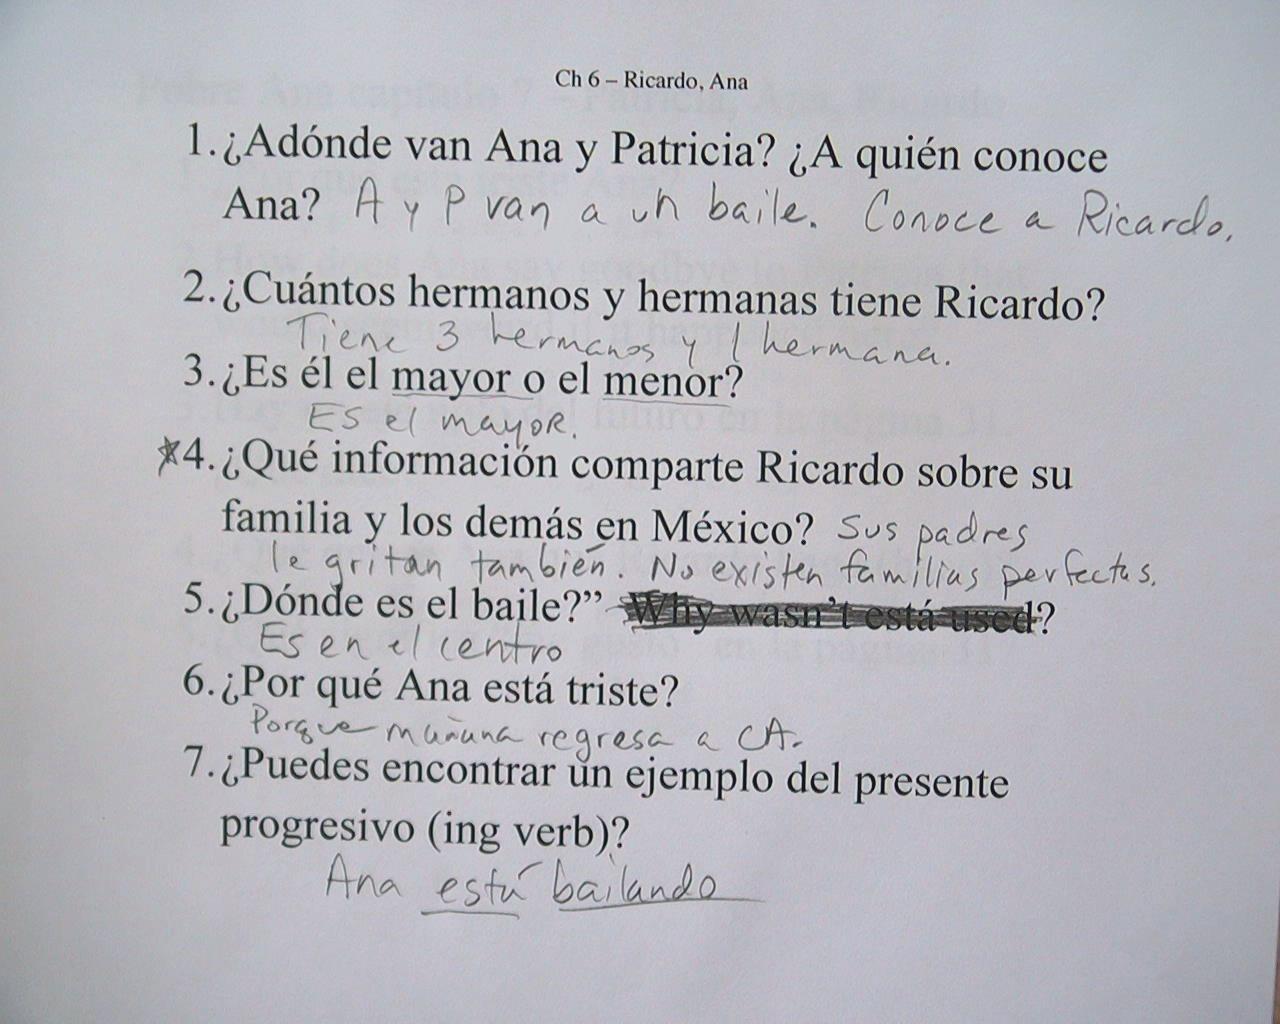 worksheet Pobre Ana Worksheets pobre ana worksheets vintagegrn packet koopmans klass december 2012